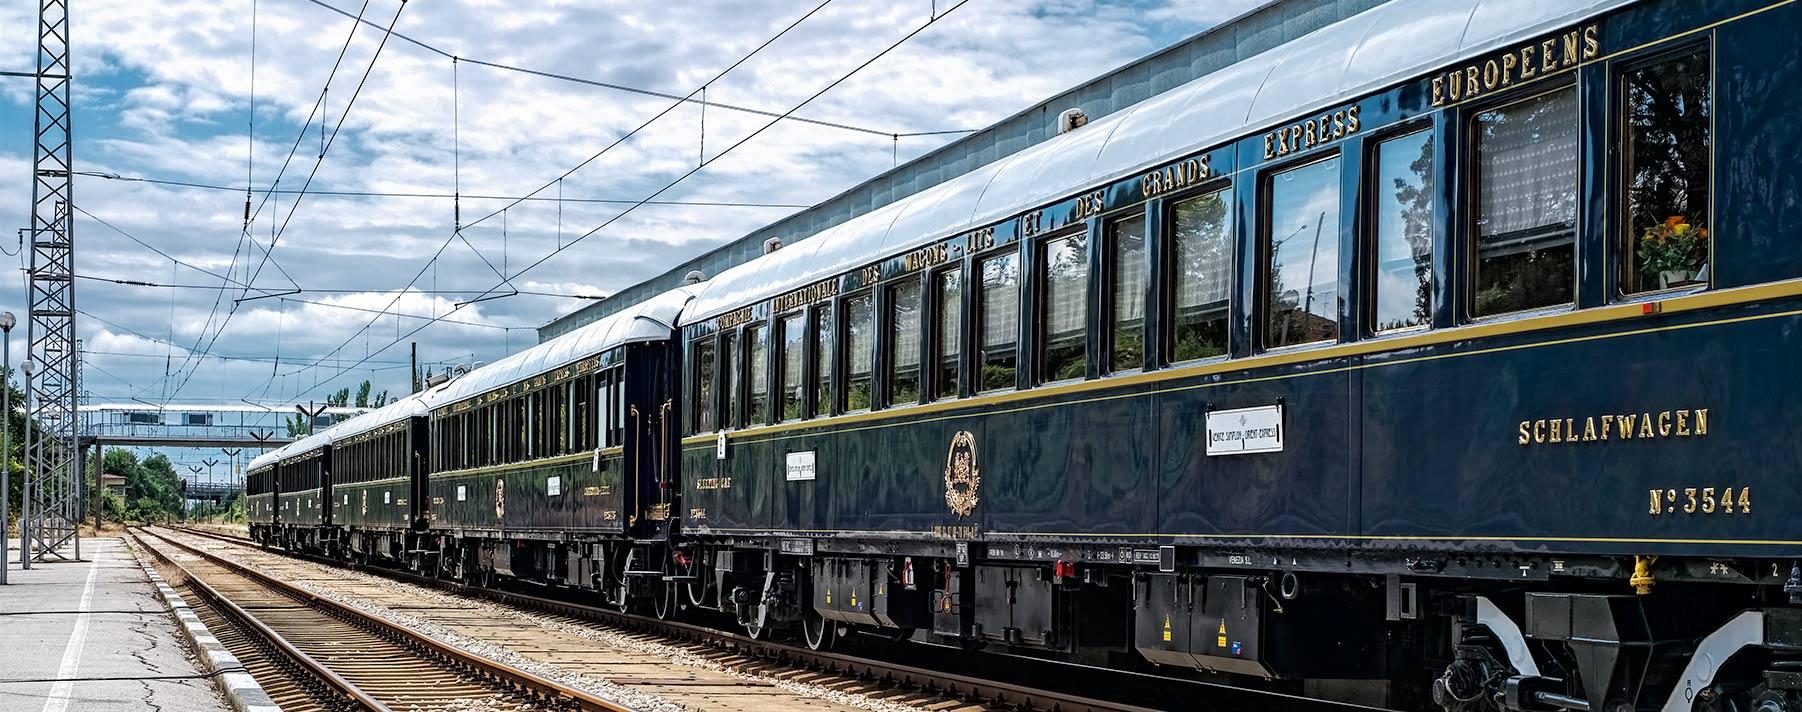 Viajes en trenes, conexiones de otros tiempos, en continentes donde este medio de comunicación representa más que una simple experiencia de viaje.